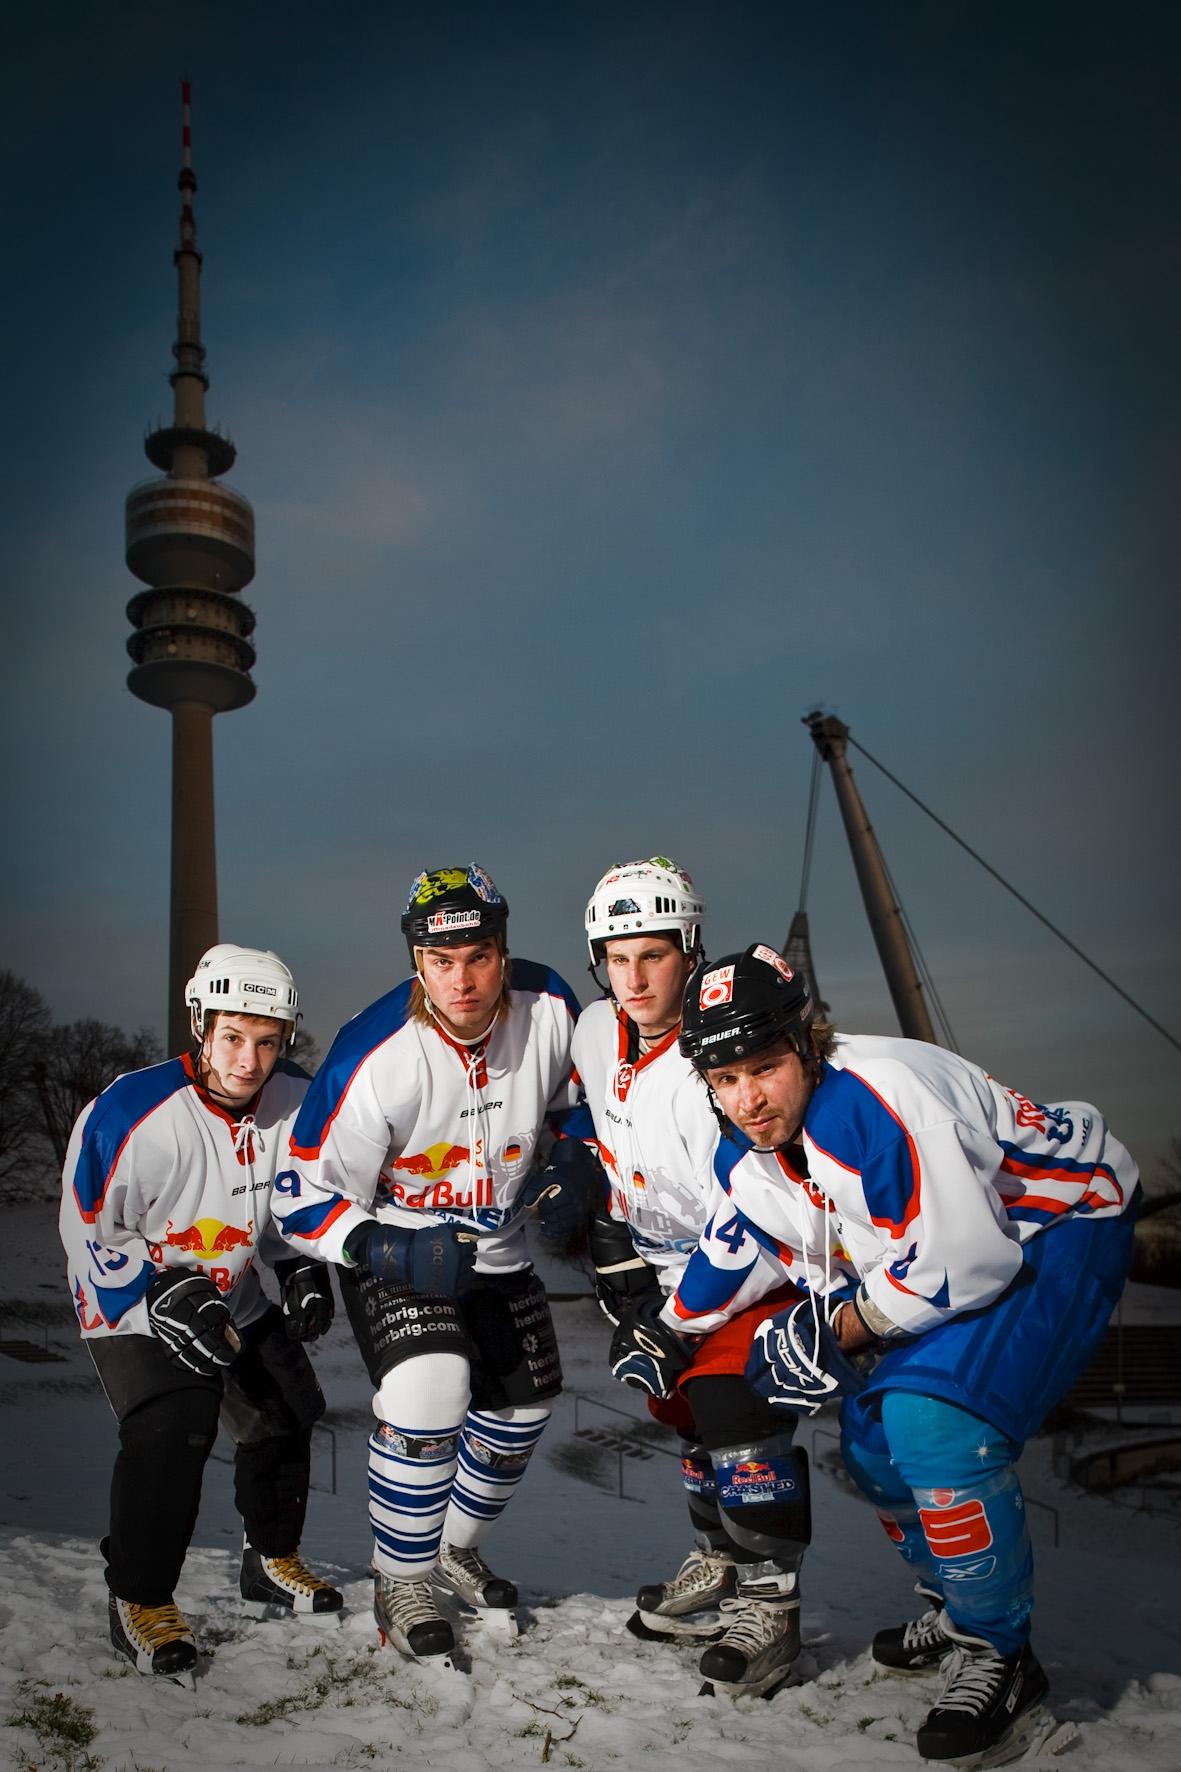 Abgefahren - der Red Bull Crashed Ice Qualifier in München